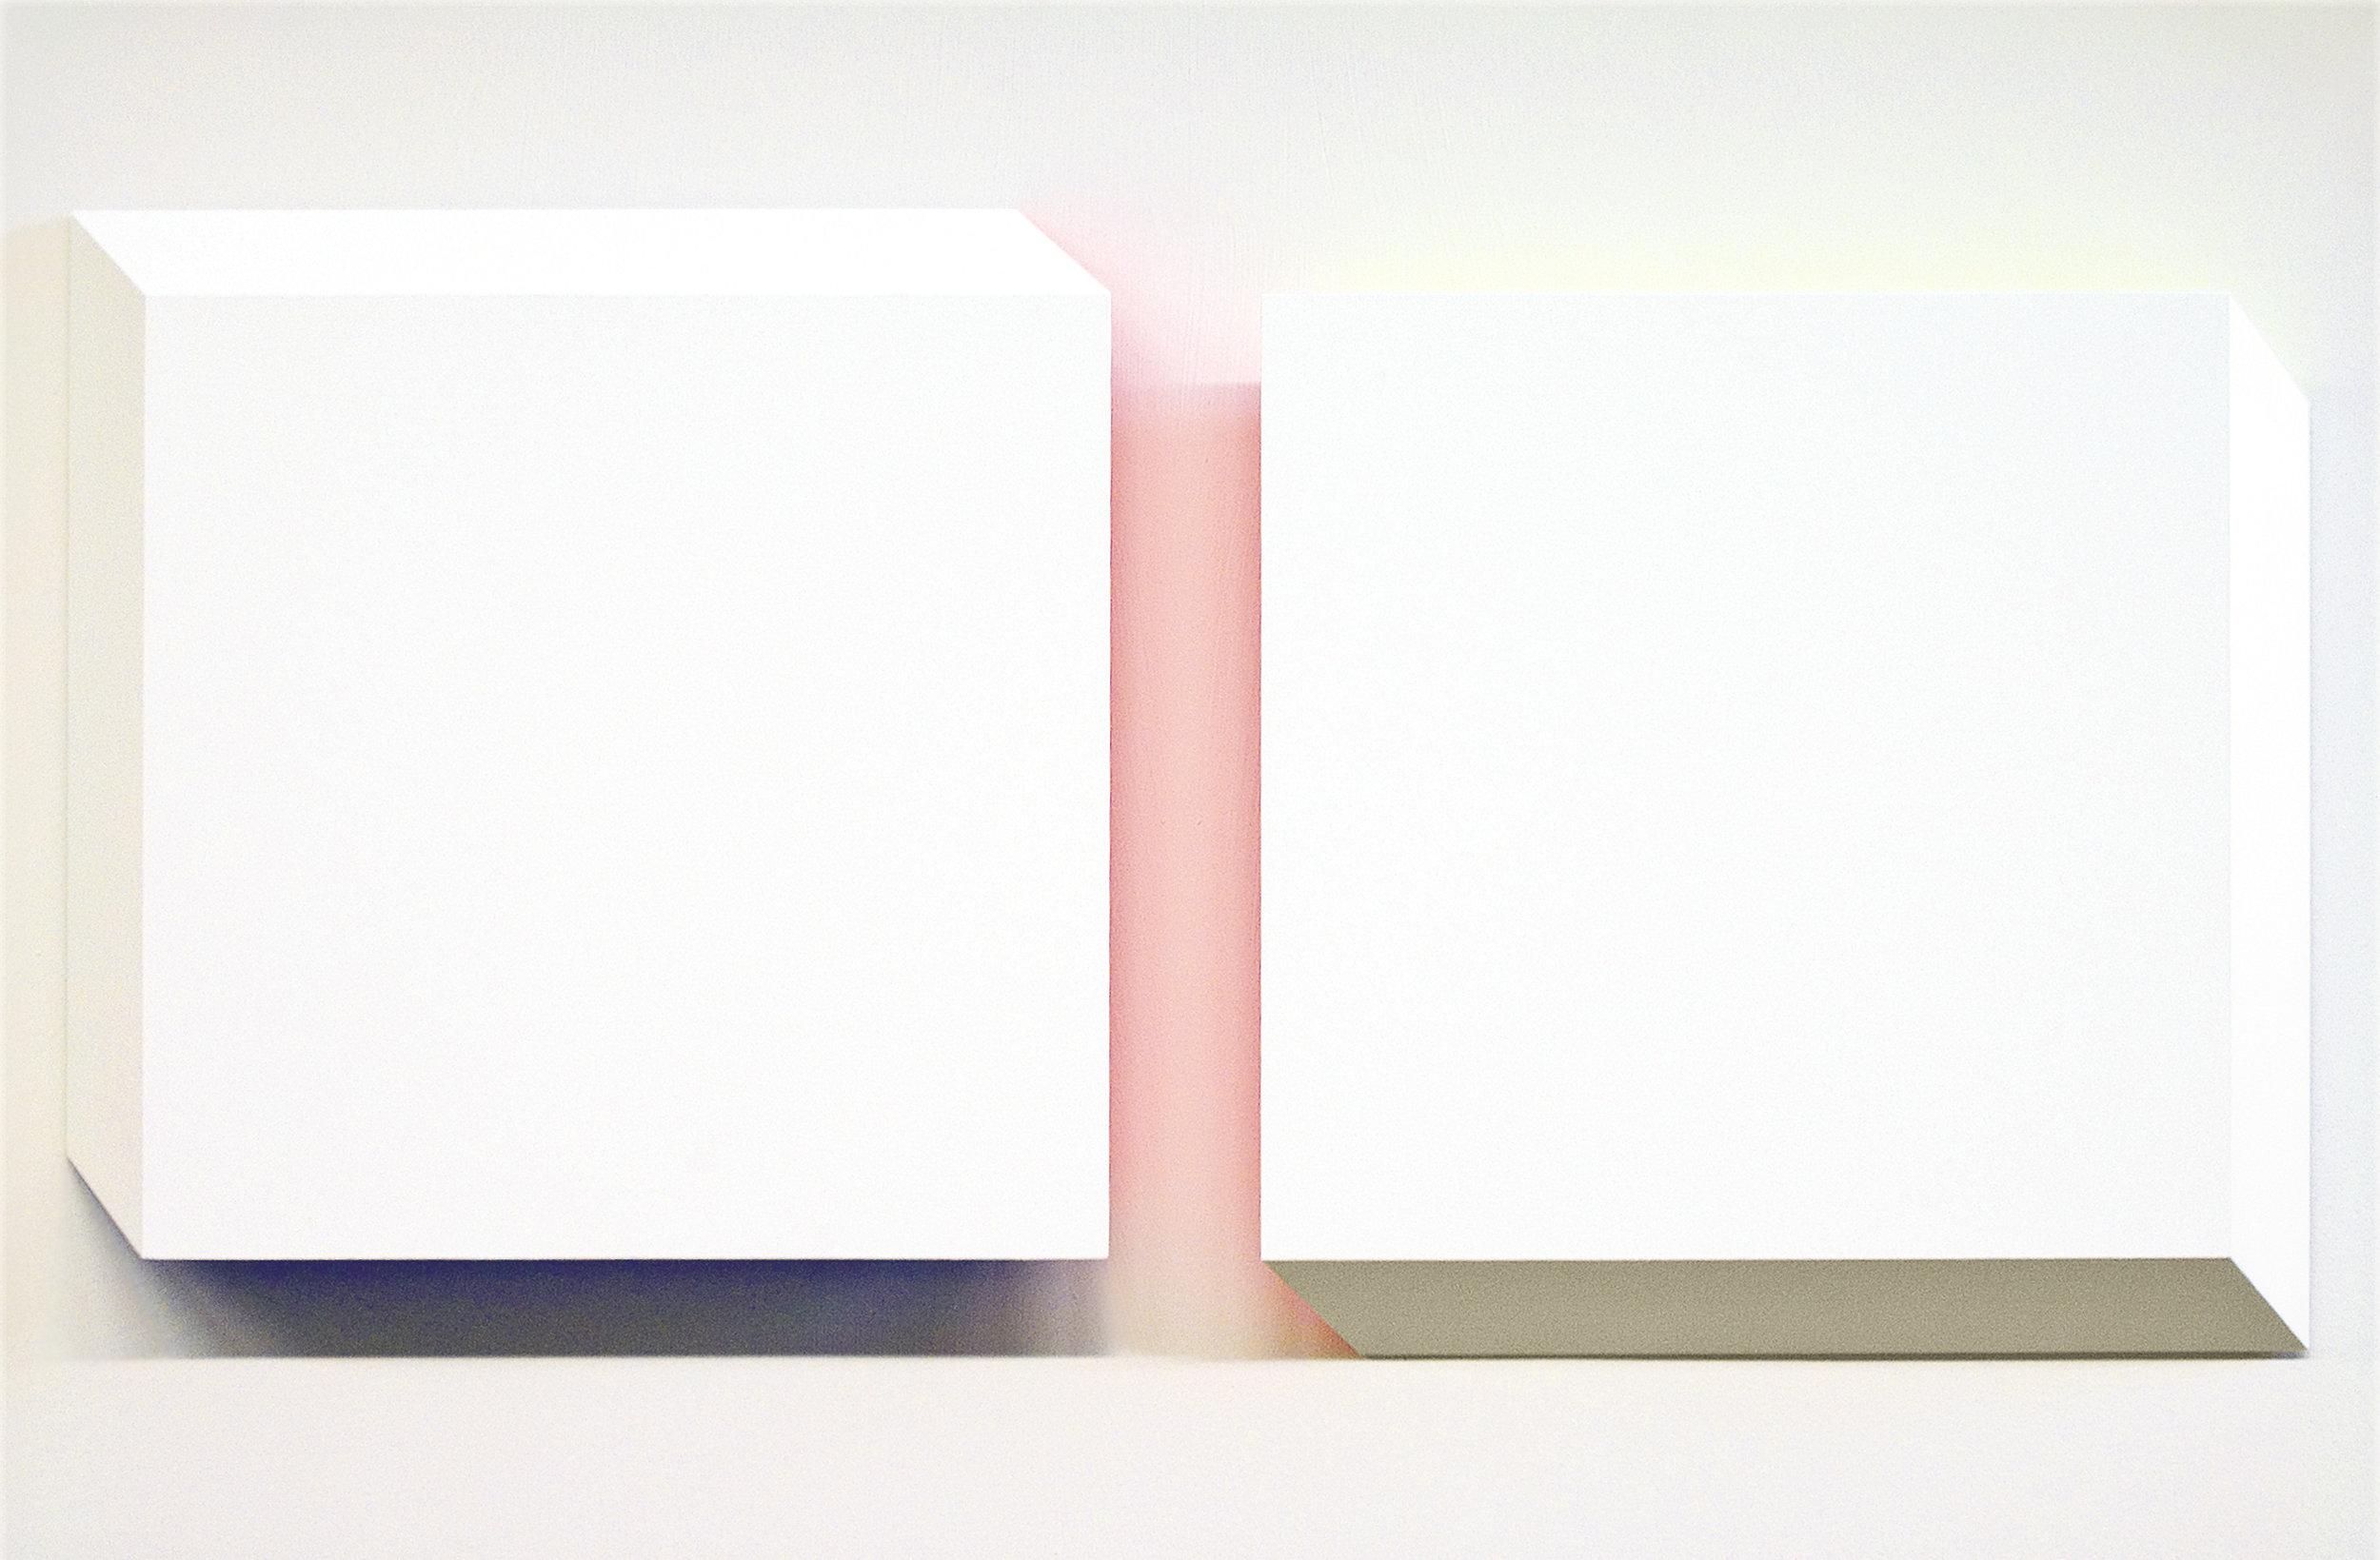 akril, les, dvakrat 60 x 60 cm, 2006